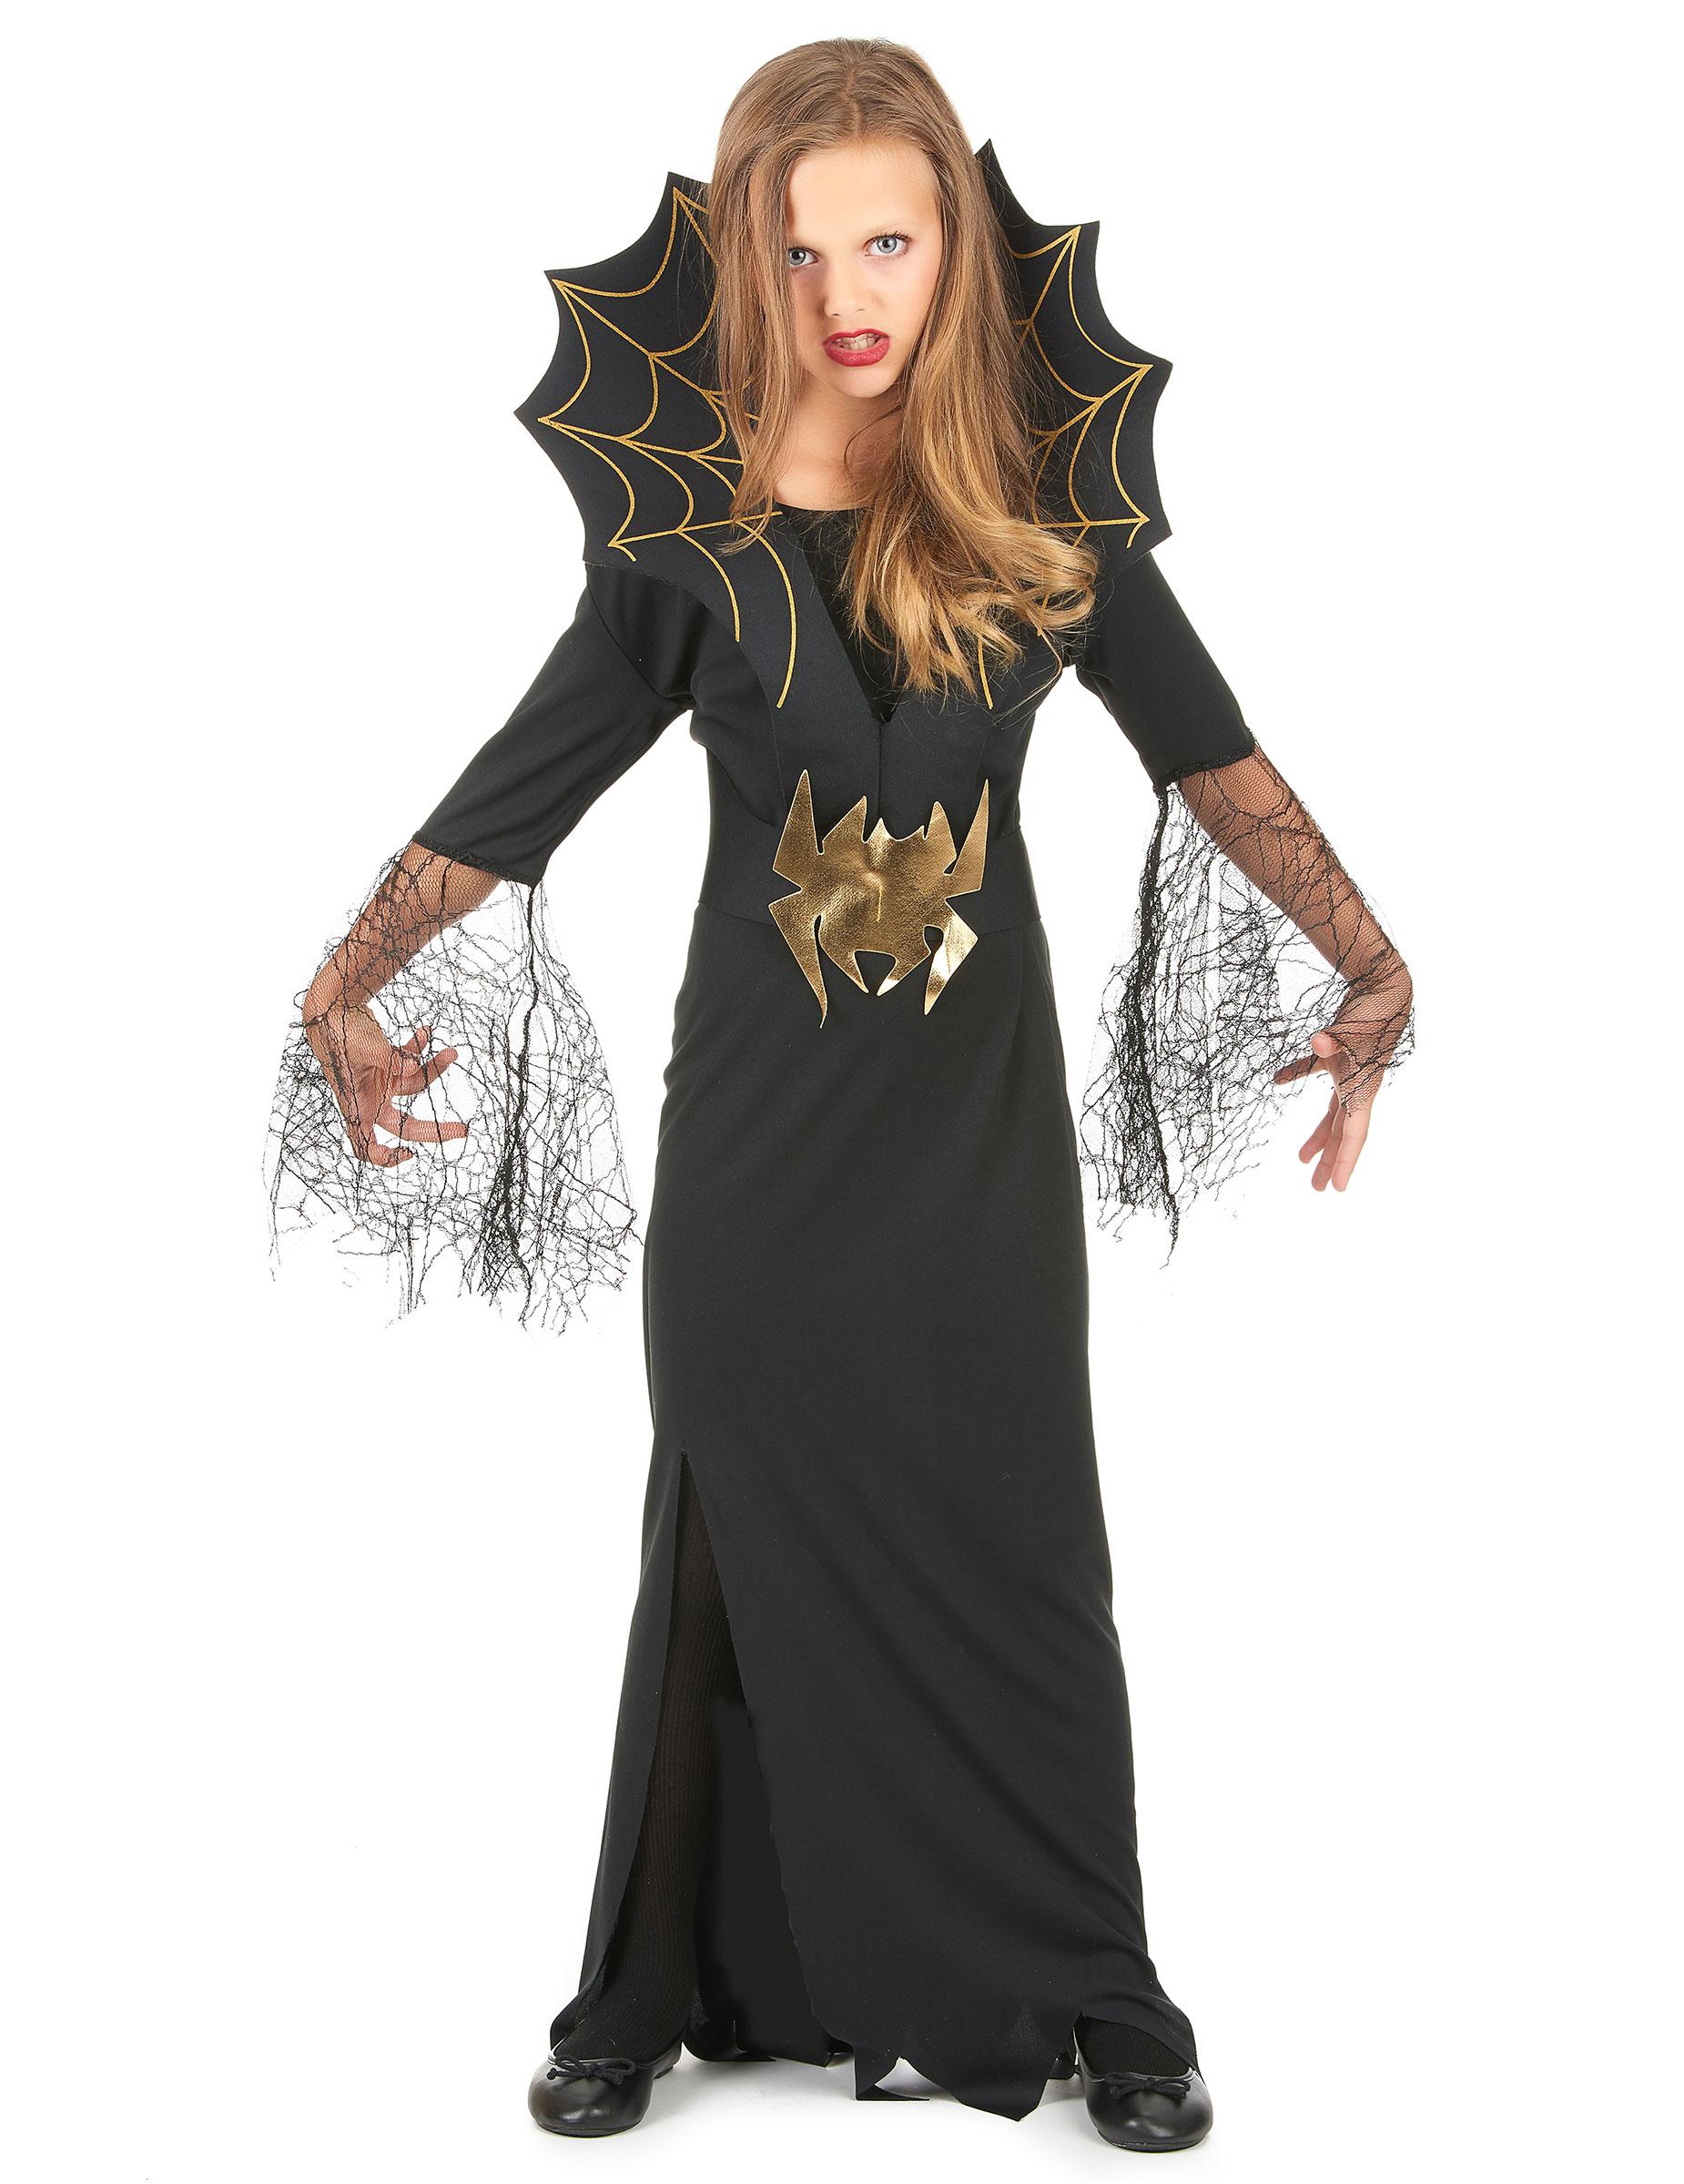 nuovi prodotti per migliore vendita prezzo minimo Costume da strega ragno per bambina- Halloween